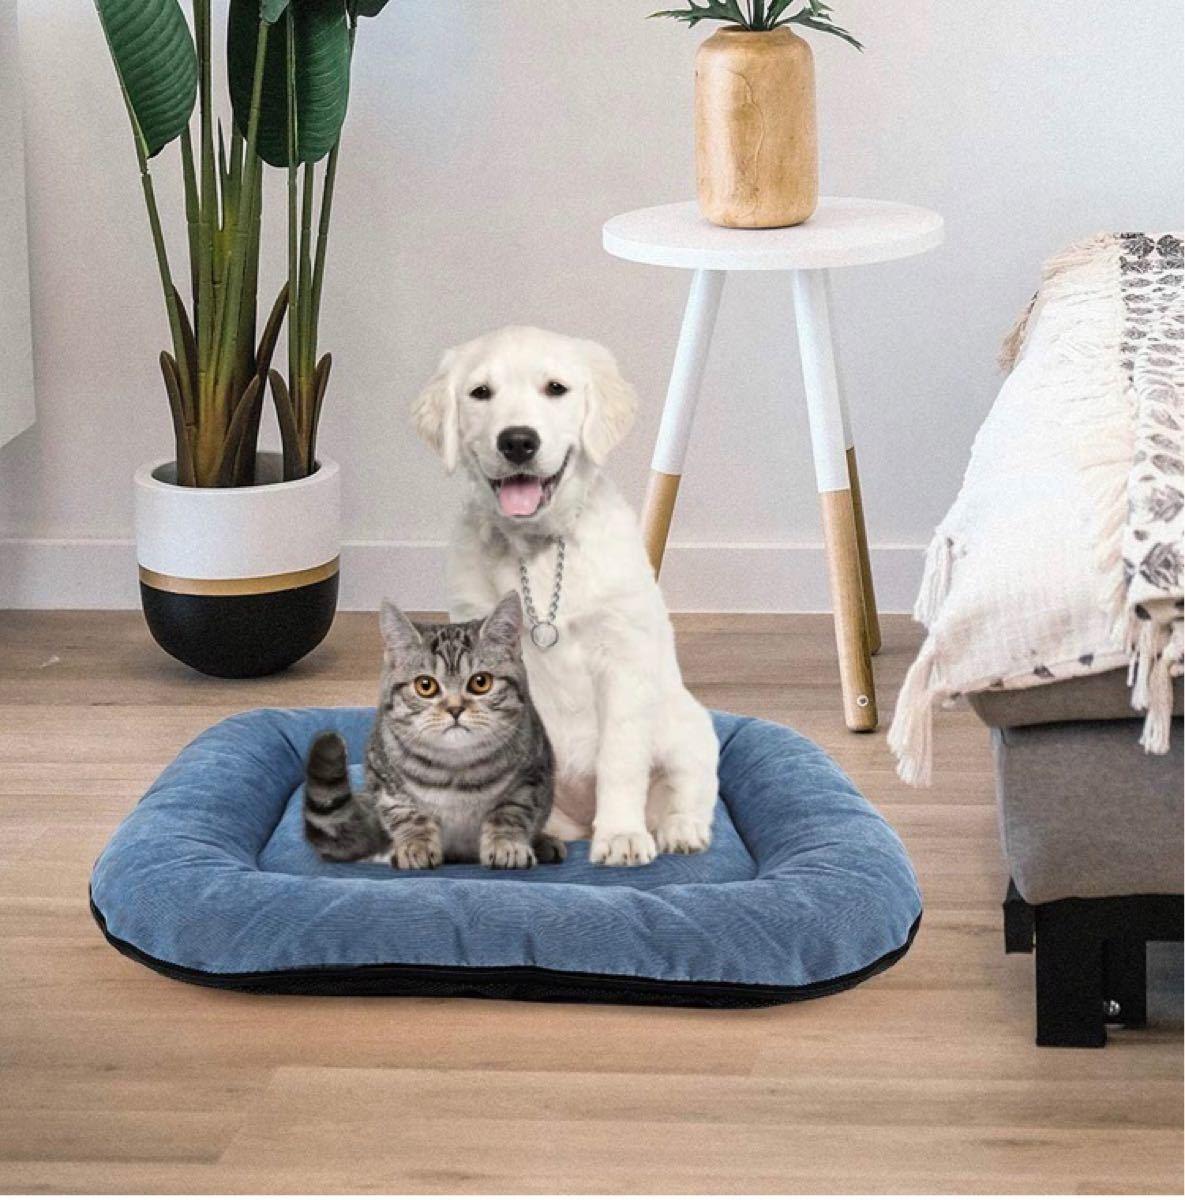 ペットベッド ペットソファー 丸洗い ペットクッション 中型犬 猫用 マット